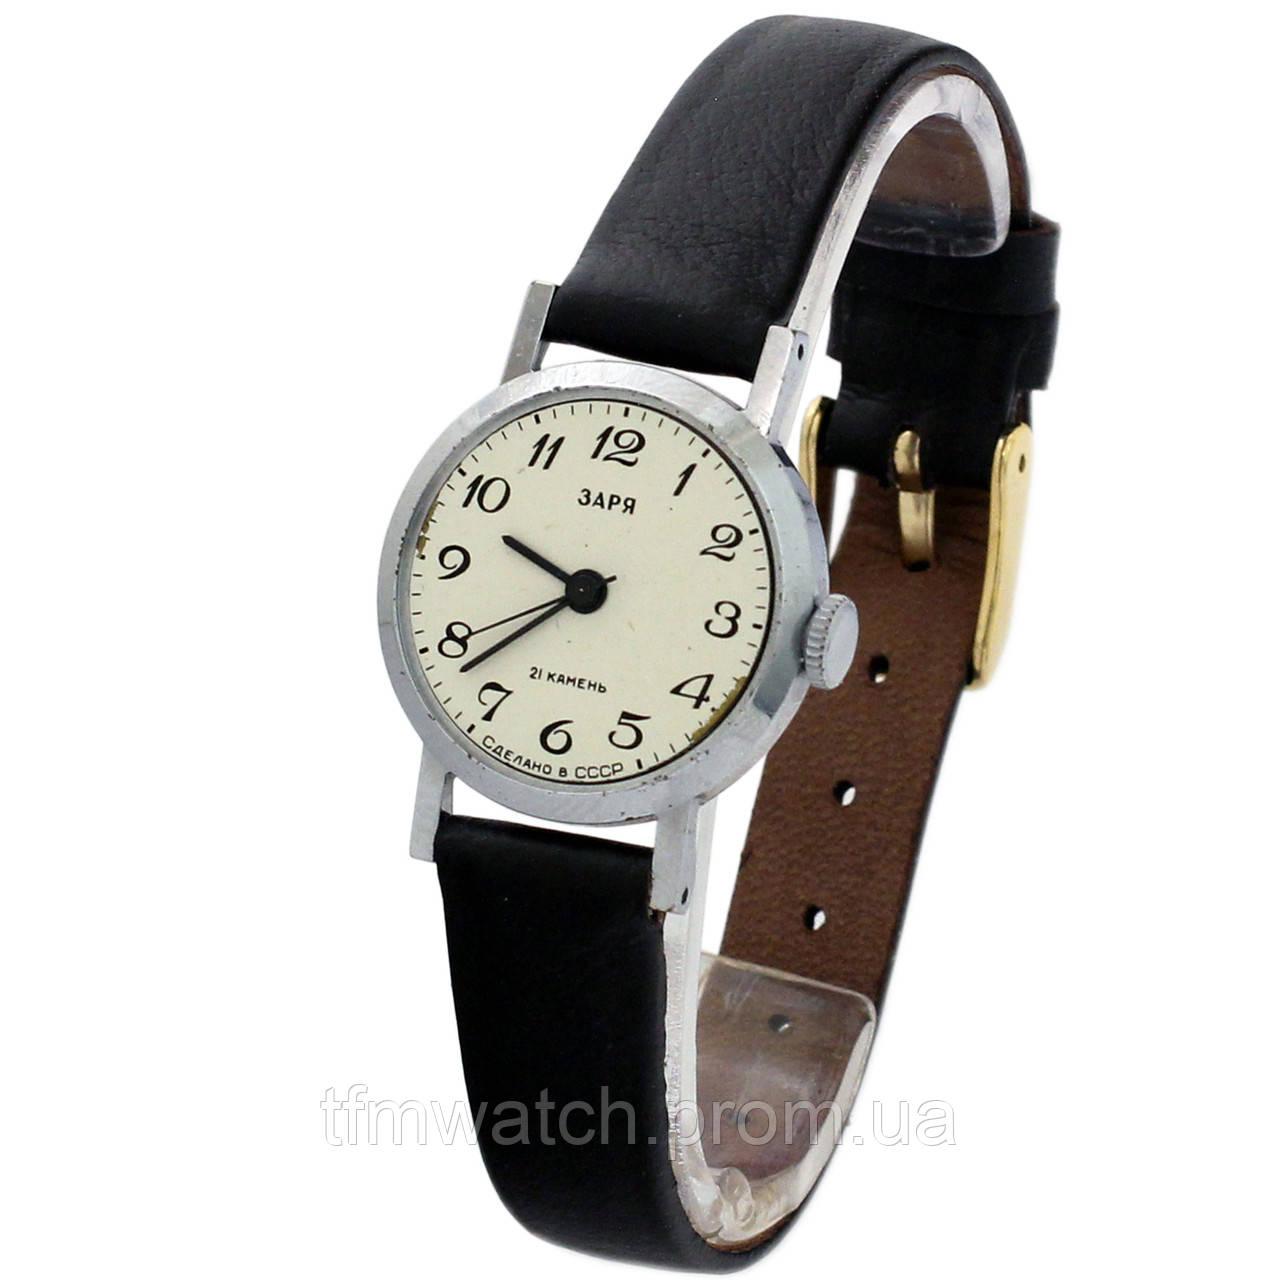 Ссср часов стоимость женских заря часы стоимость оками